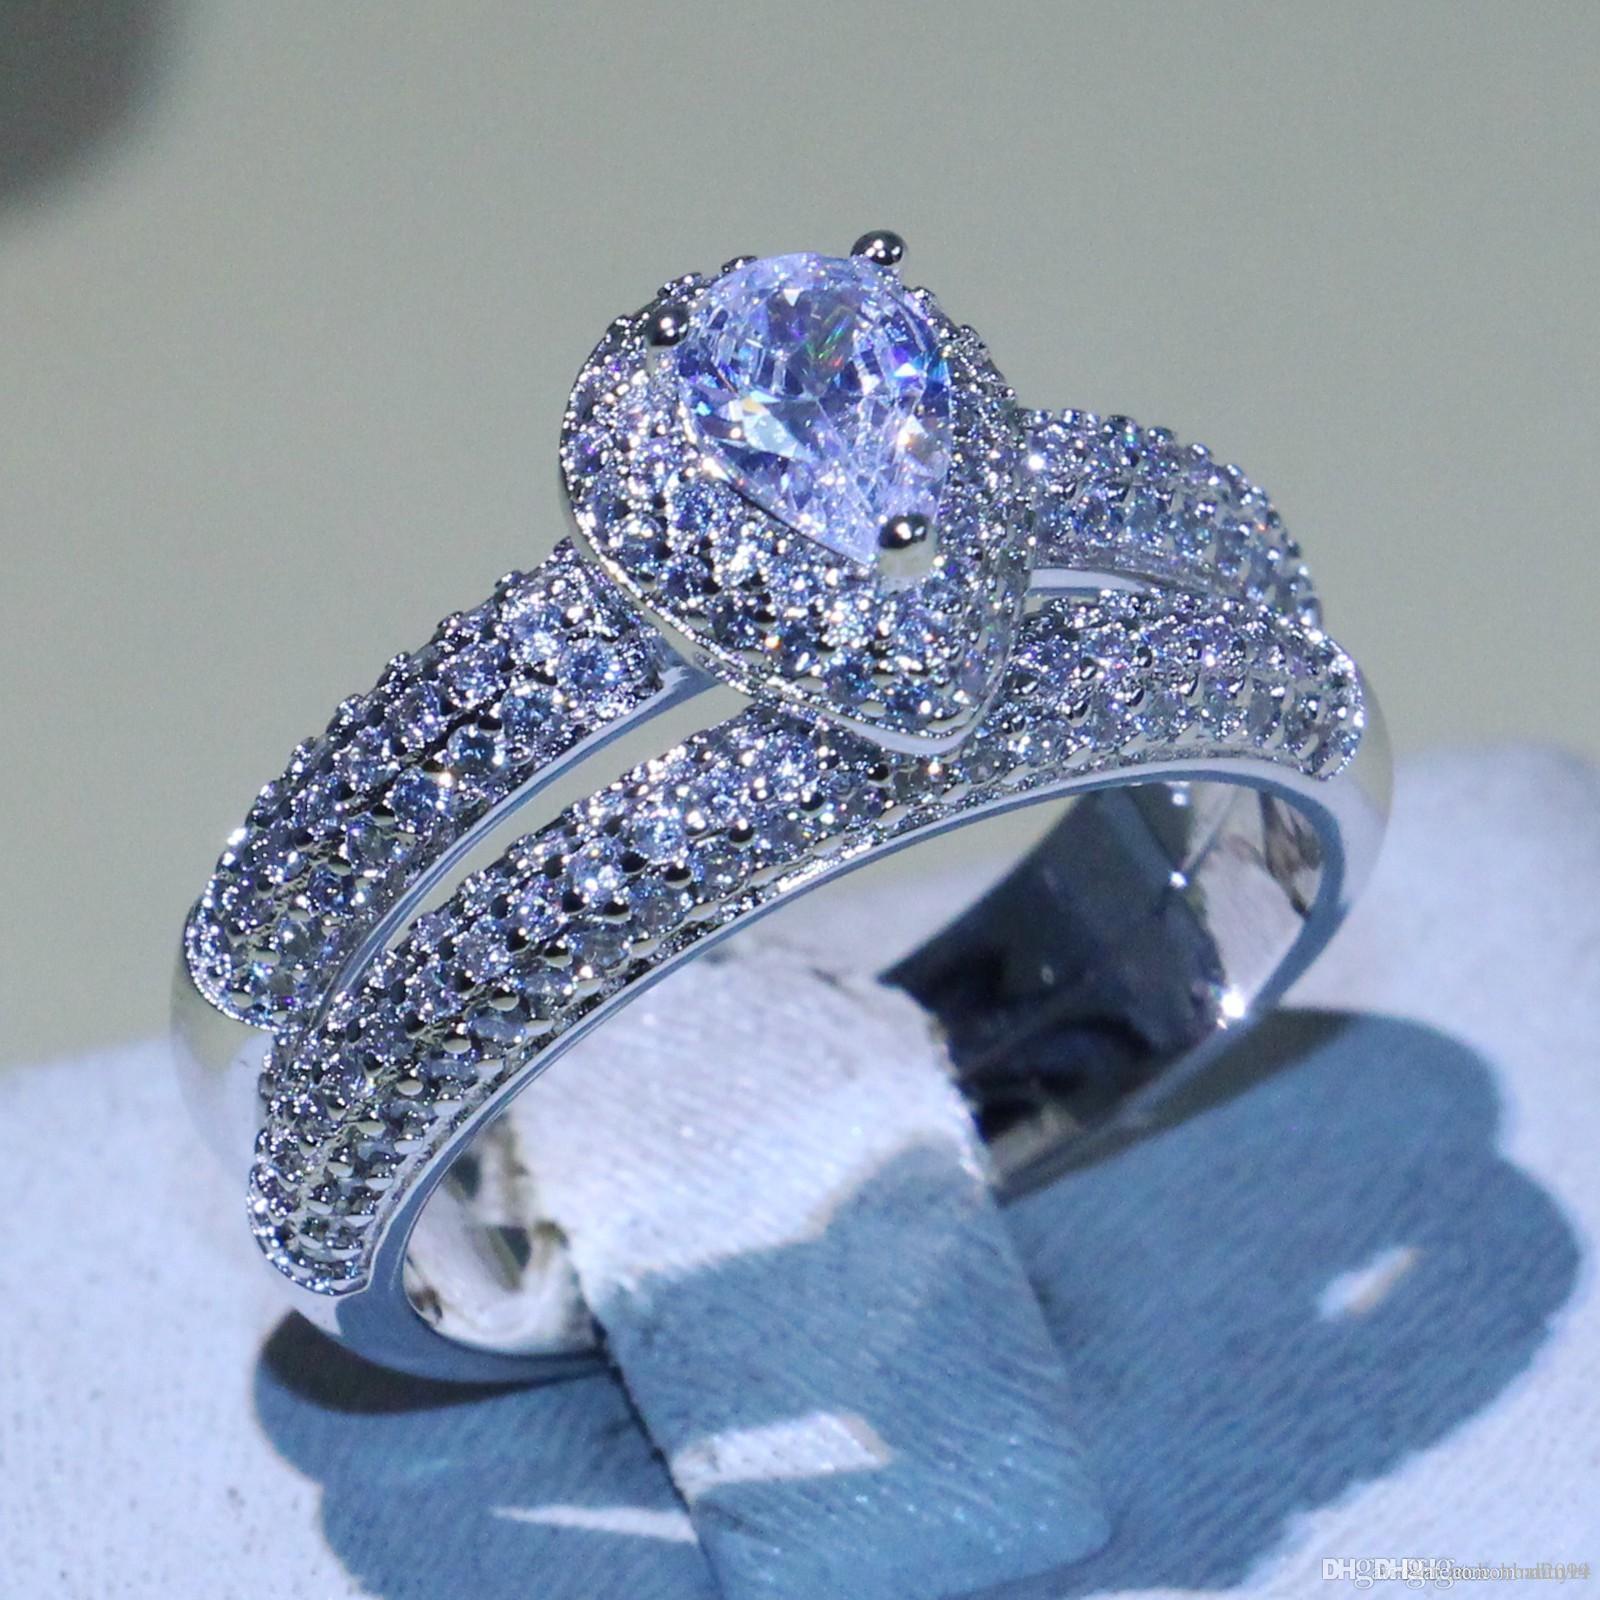 Nlm99Brand Nuovo choucong Victoria monili di lusso 925 Sterling Silver taglio della pera 5A CZ diamante Sona pavimenta l'anello del partito nuziale Set per le donne